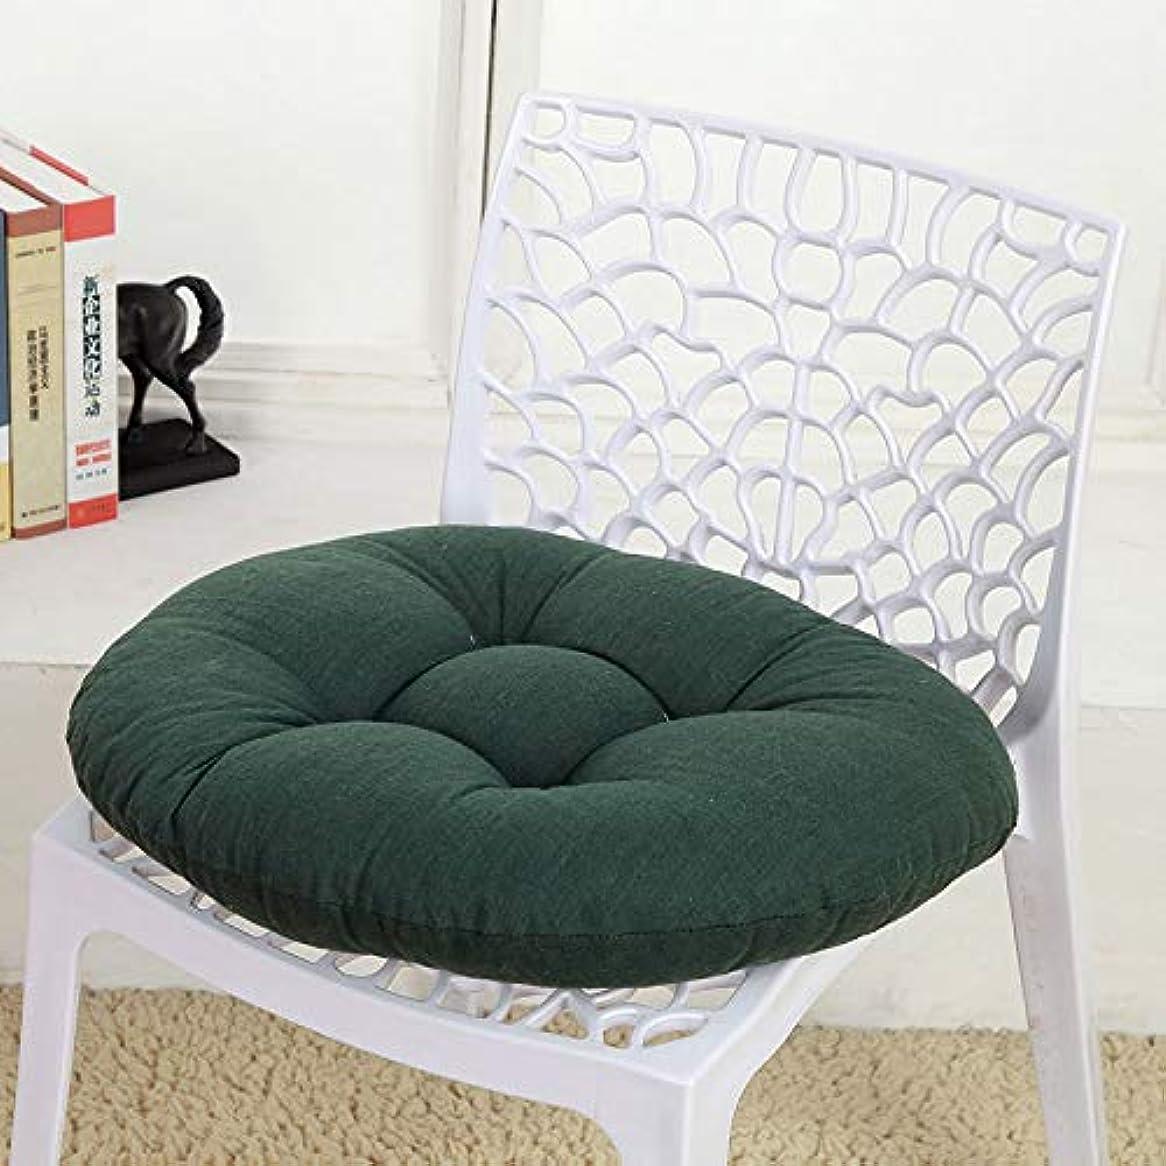 ファセットふざけた公爵夫人SMART キャンディカラーのクッションラウンドシートクッション波ウィンドウシートクッションクッション家の装飾パッドラウンド枕シート枕椅子座る枕 クッション 椅子